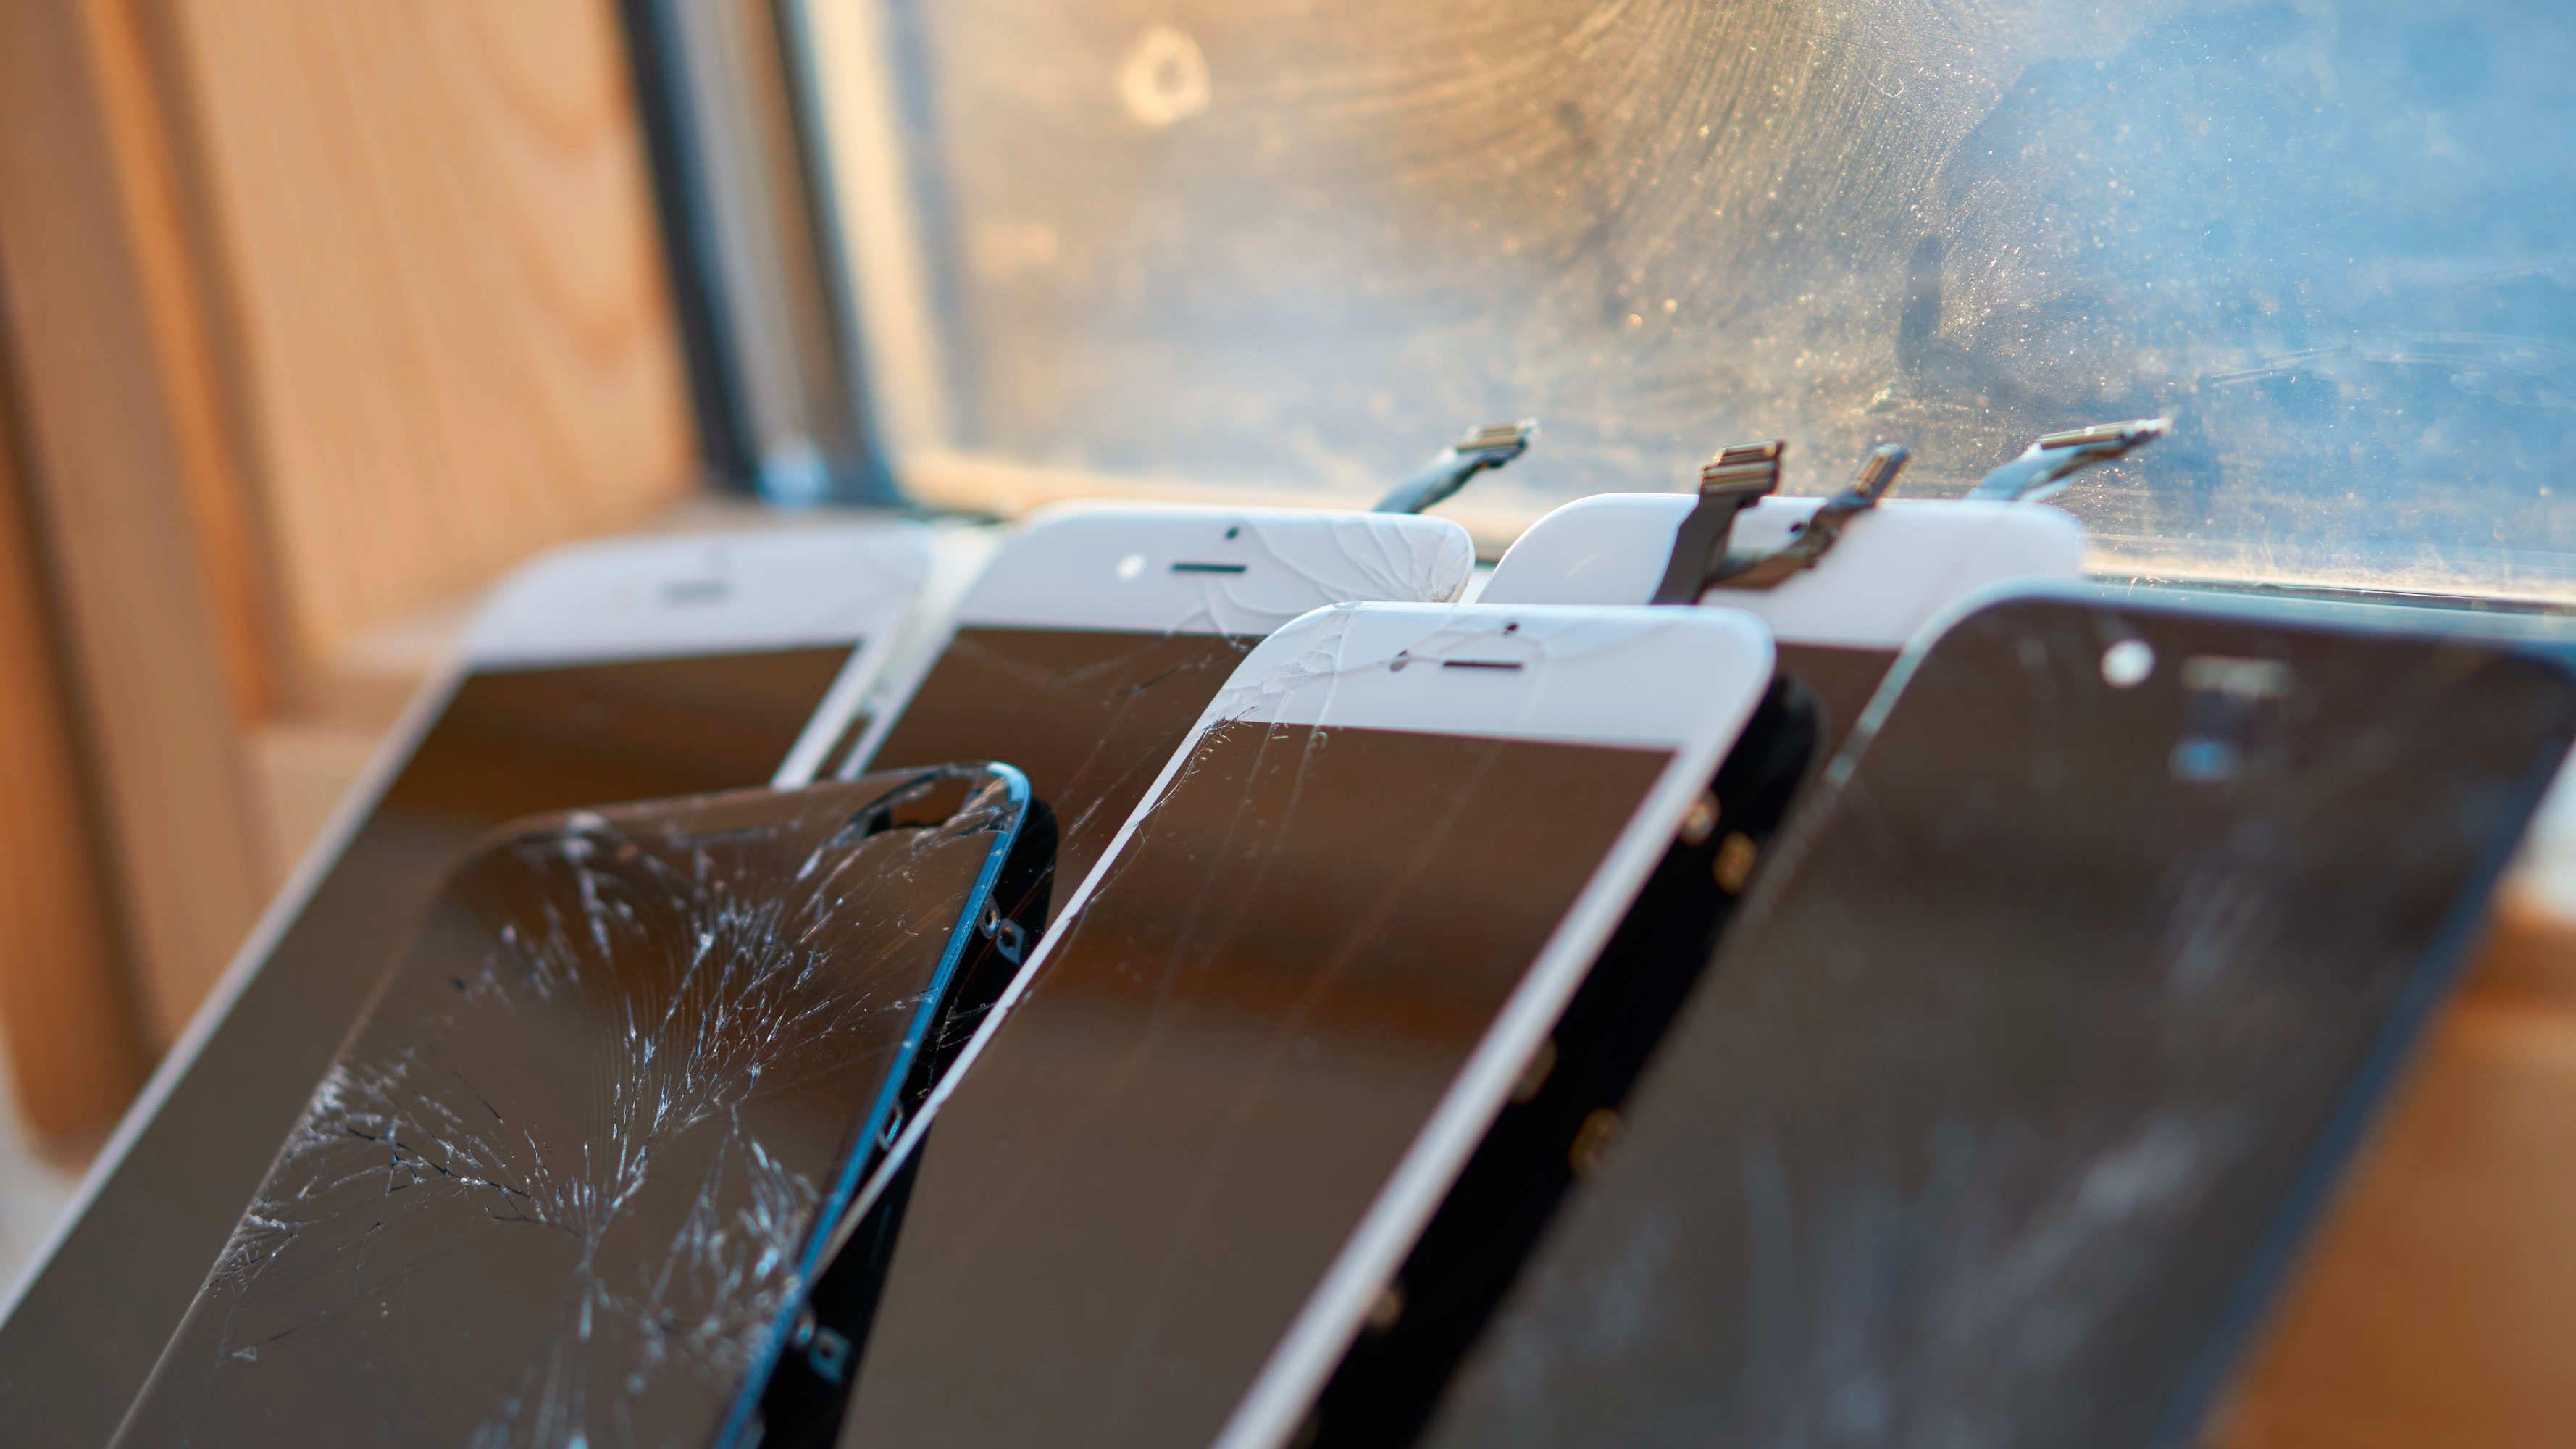 Noen av de fungerende skjermene med knust glass vi hadde liggende.